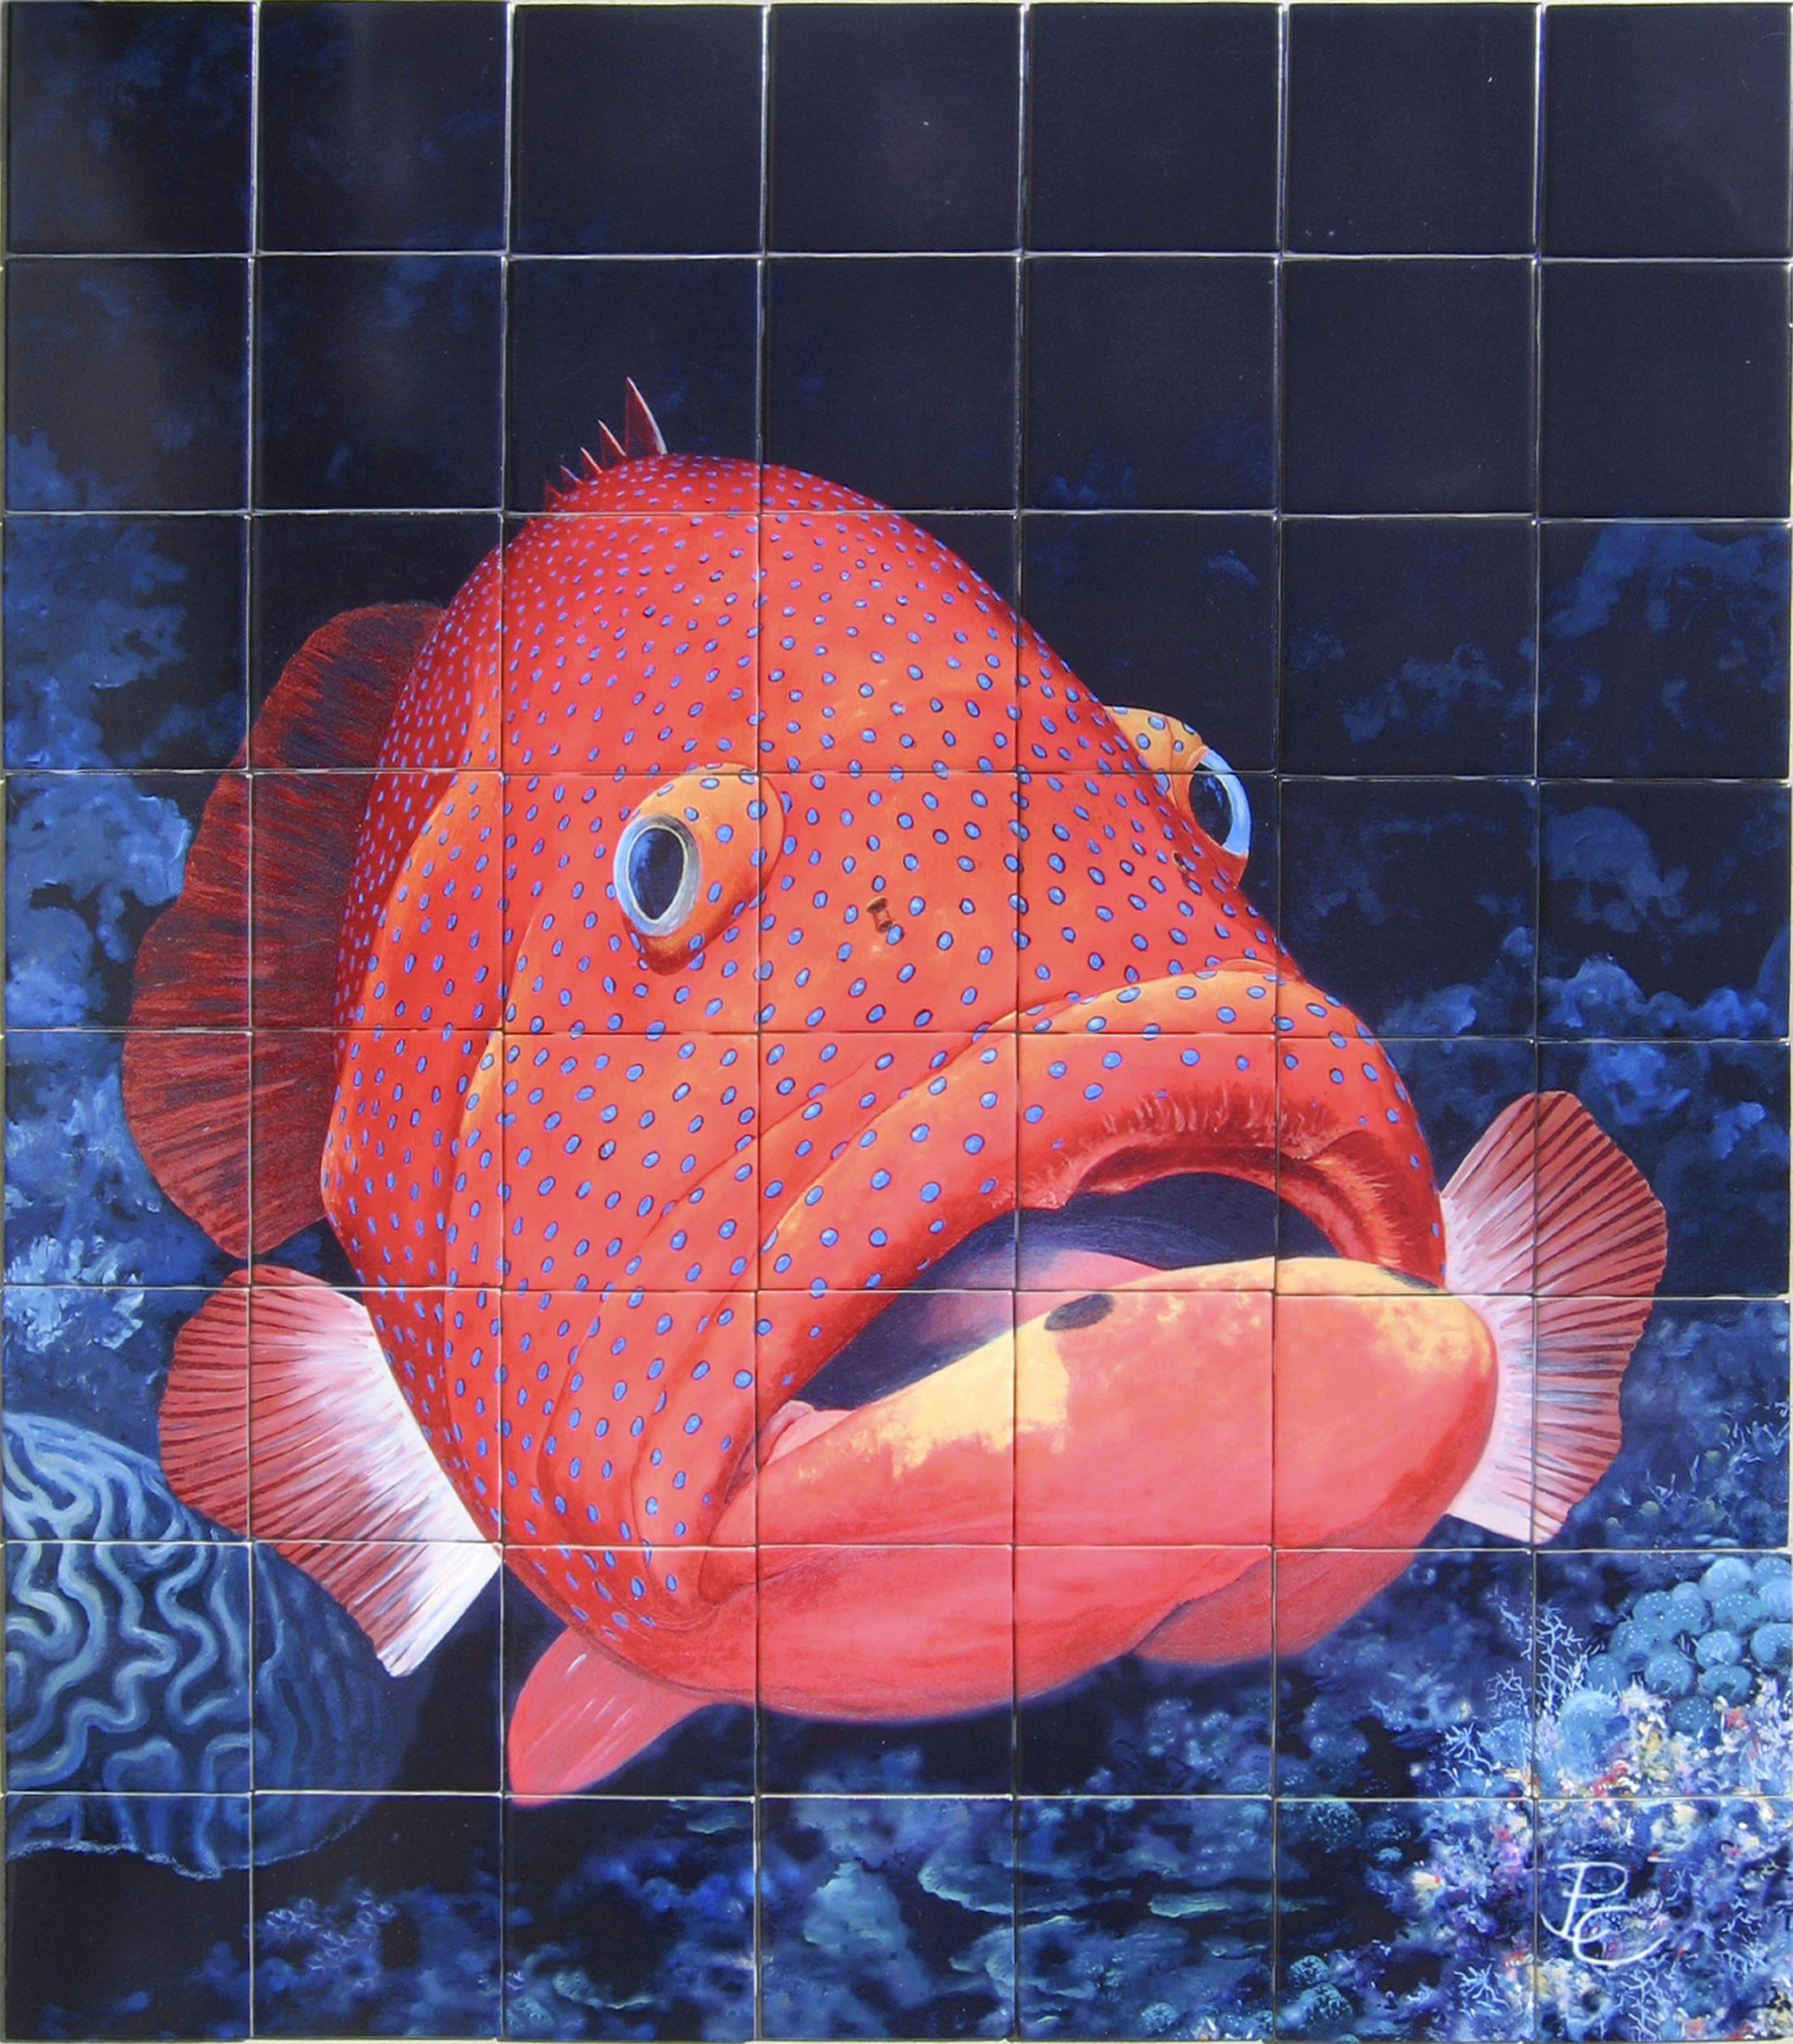 Custom imaged tile, grouper fish on ceramic tile for wall mural ...